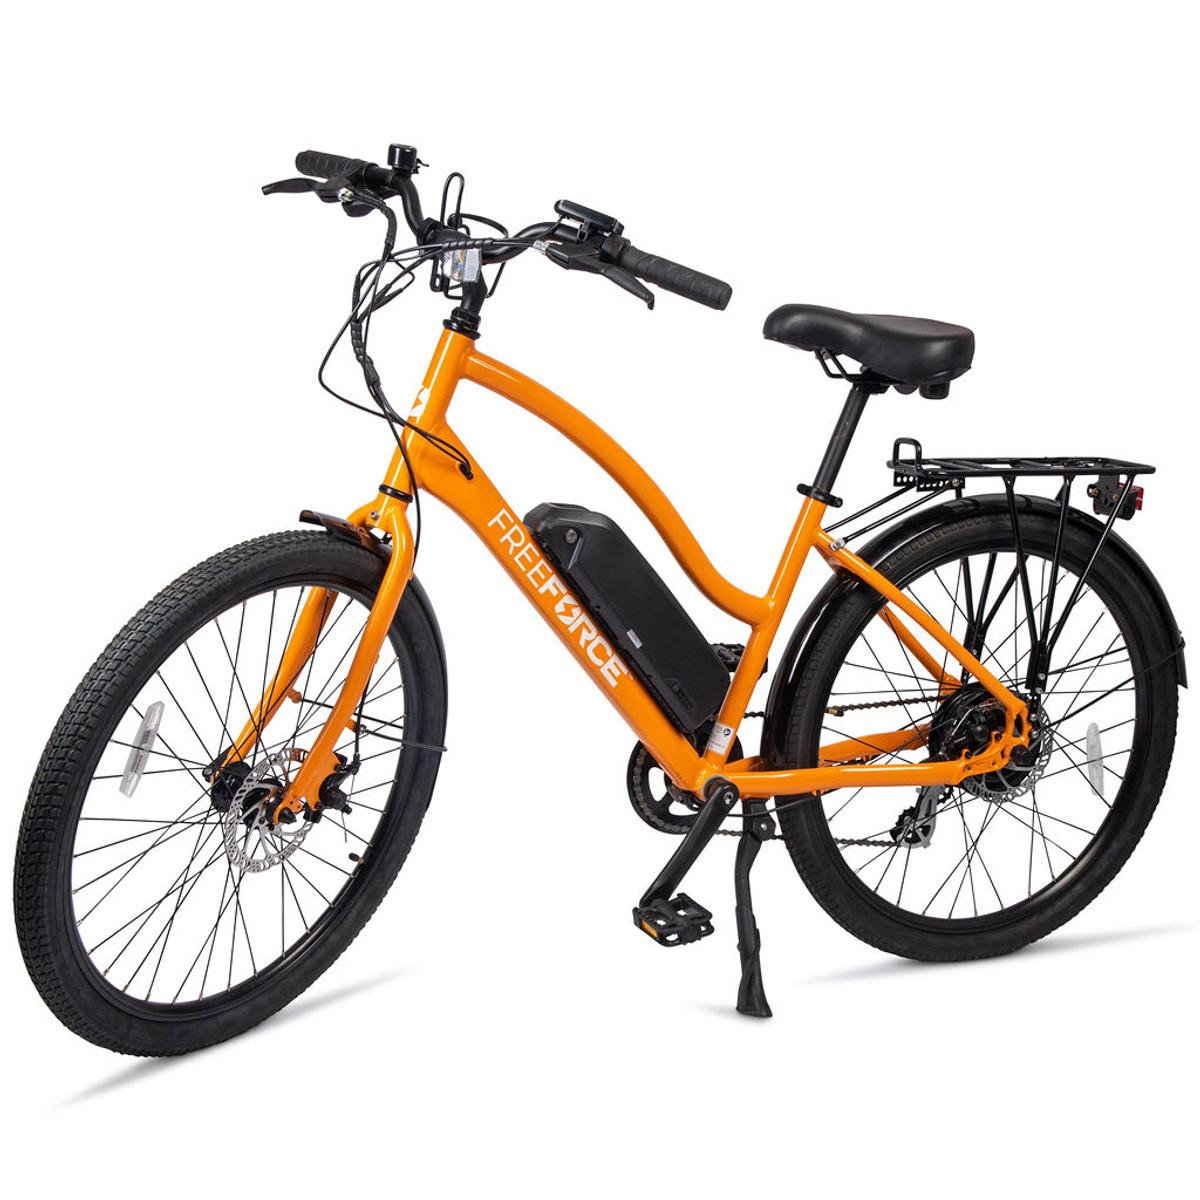 FreeForce electric bike beach cruiser orange